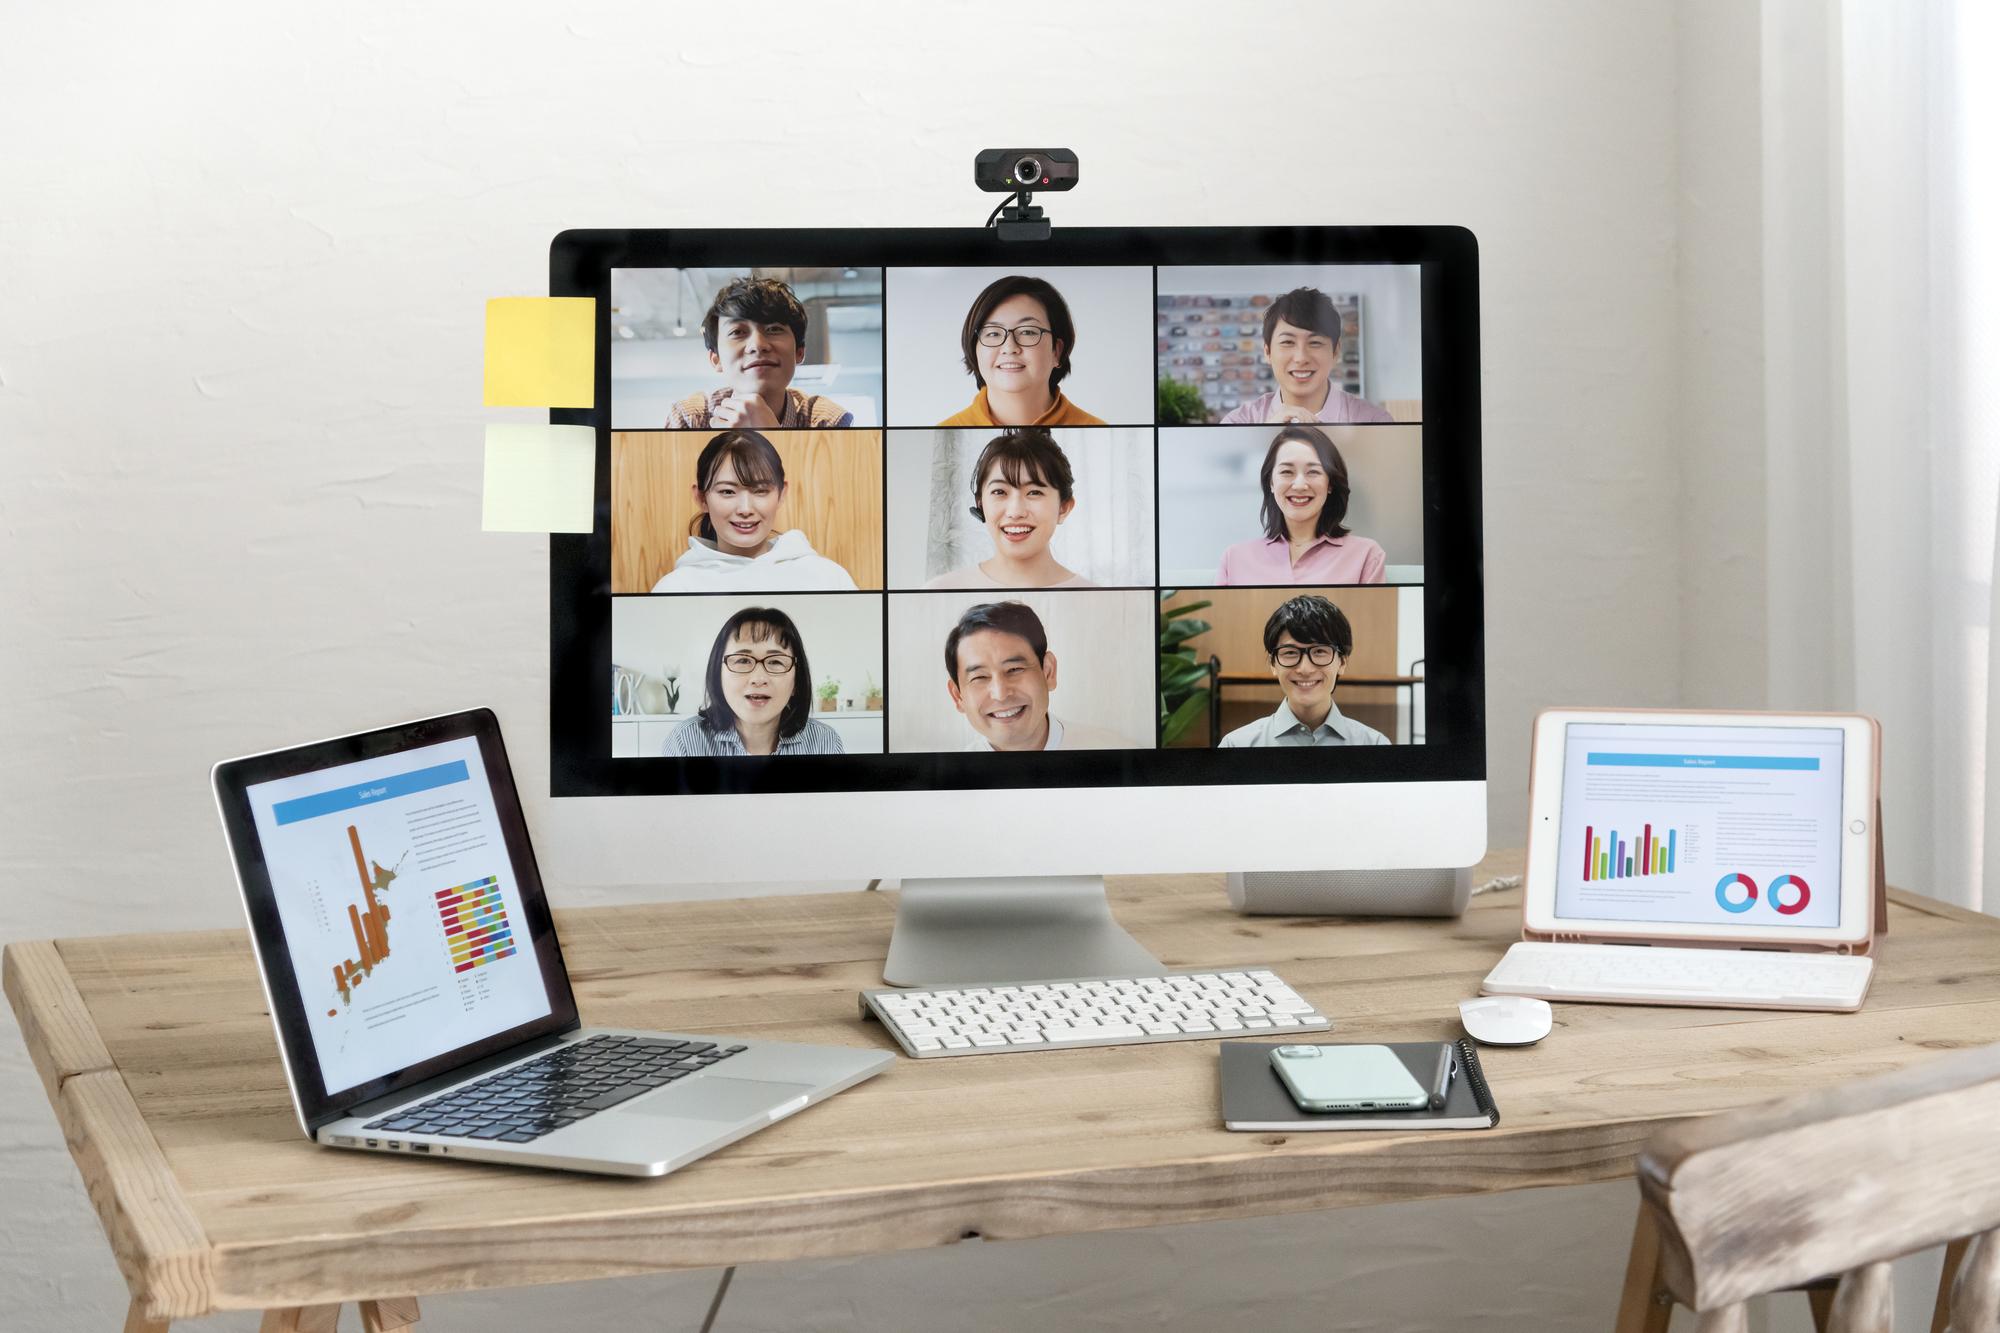 コミュニケーションの課題とは?withコロナのオフィス事情について考えてみた|TIME SHARING|タイムシェアリング |スペースマネジメント|あどばる|adval|SHARING